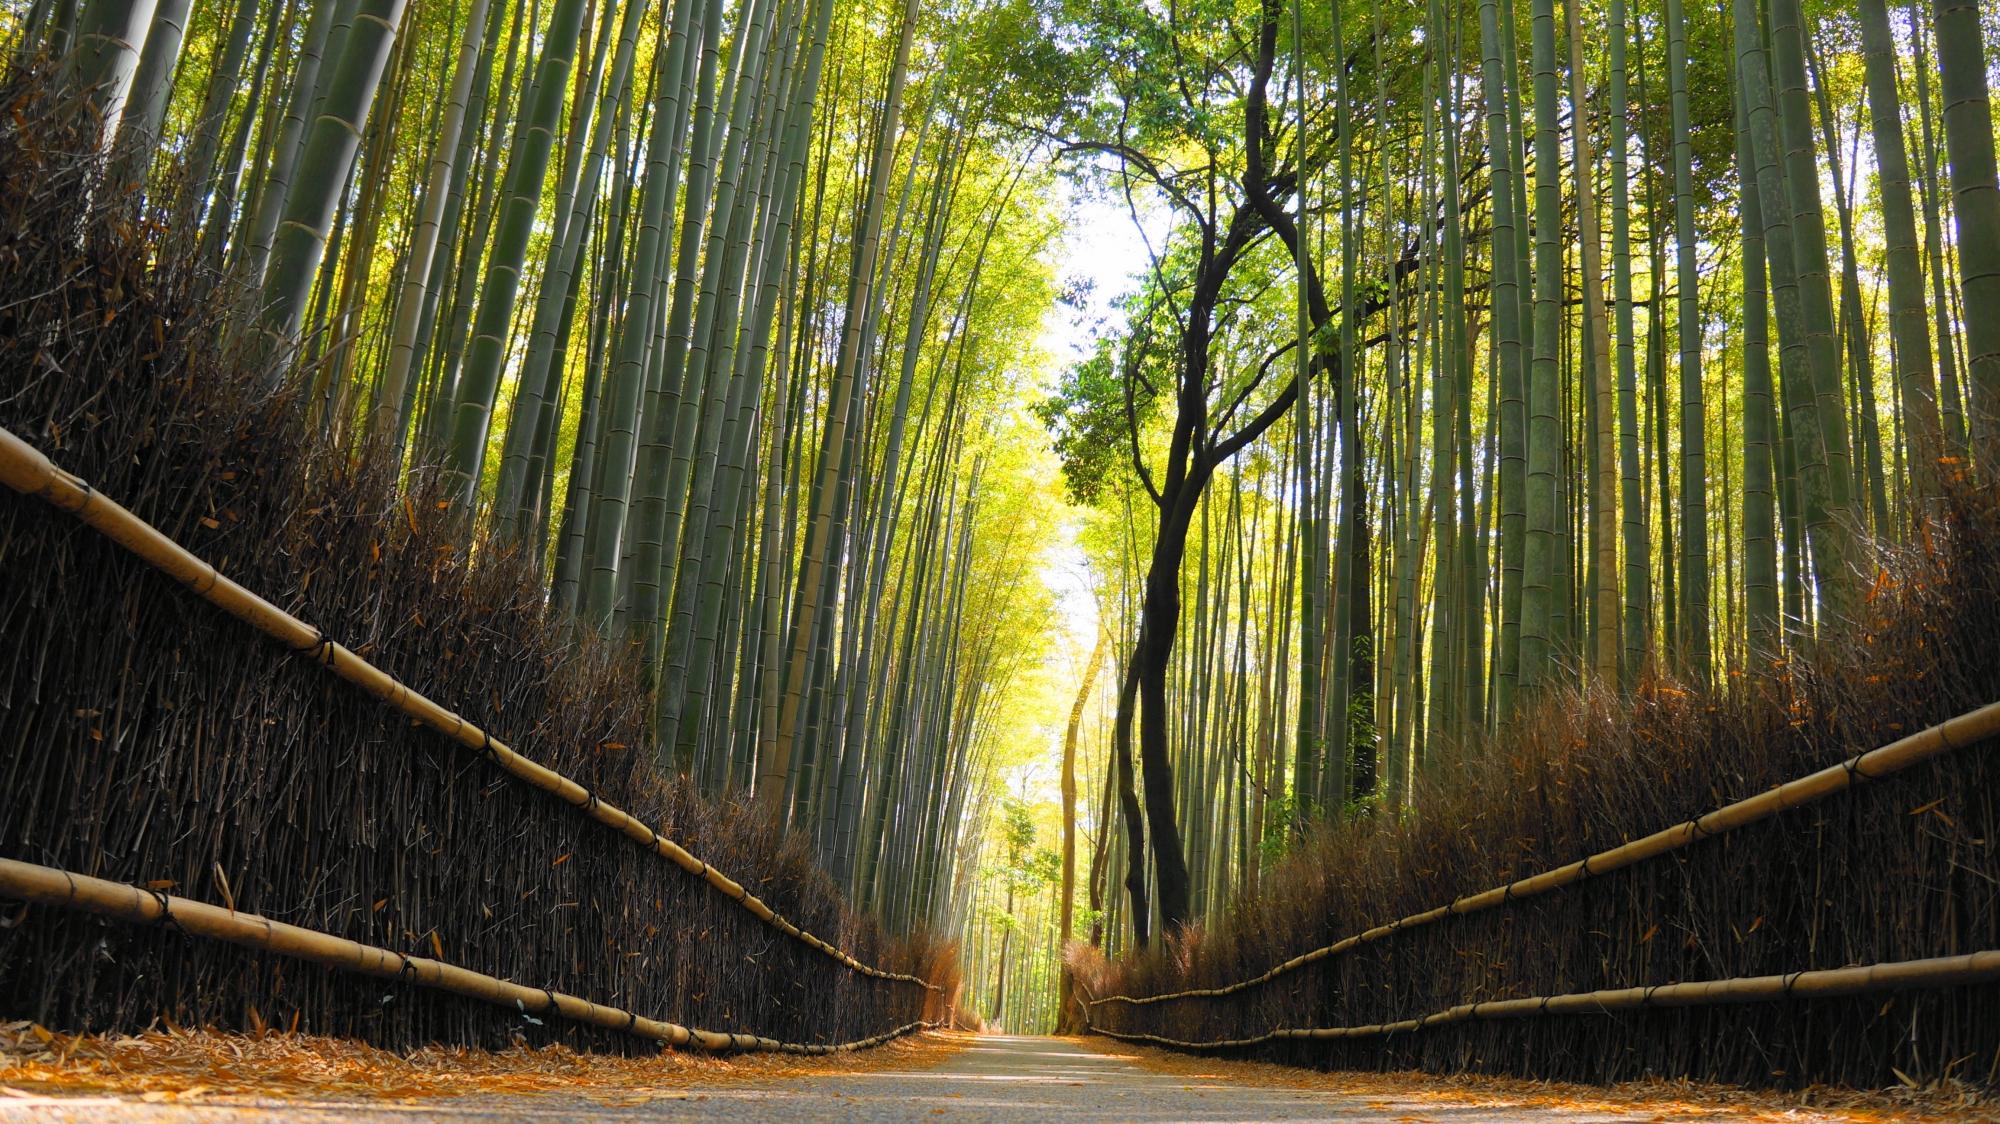 京都嵐山の人気観光名所